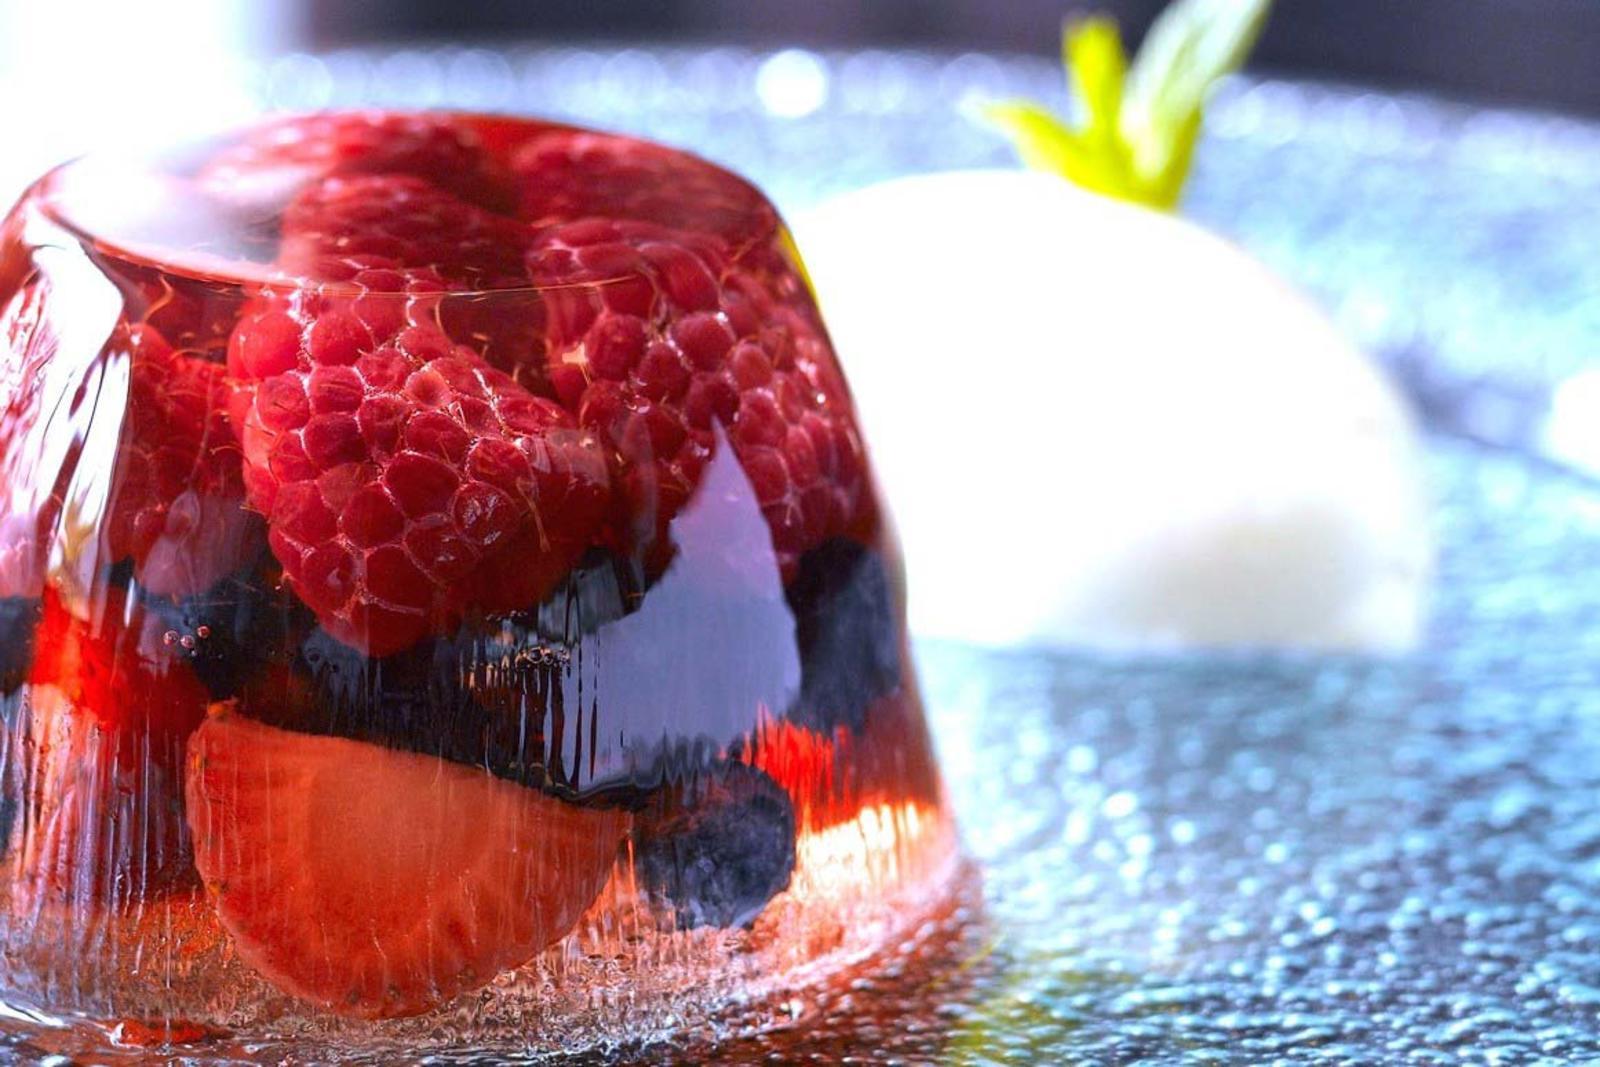 Вишневое желе: популярные рецепты приготовления освежающего десерта